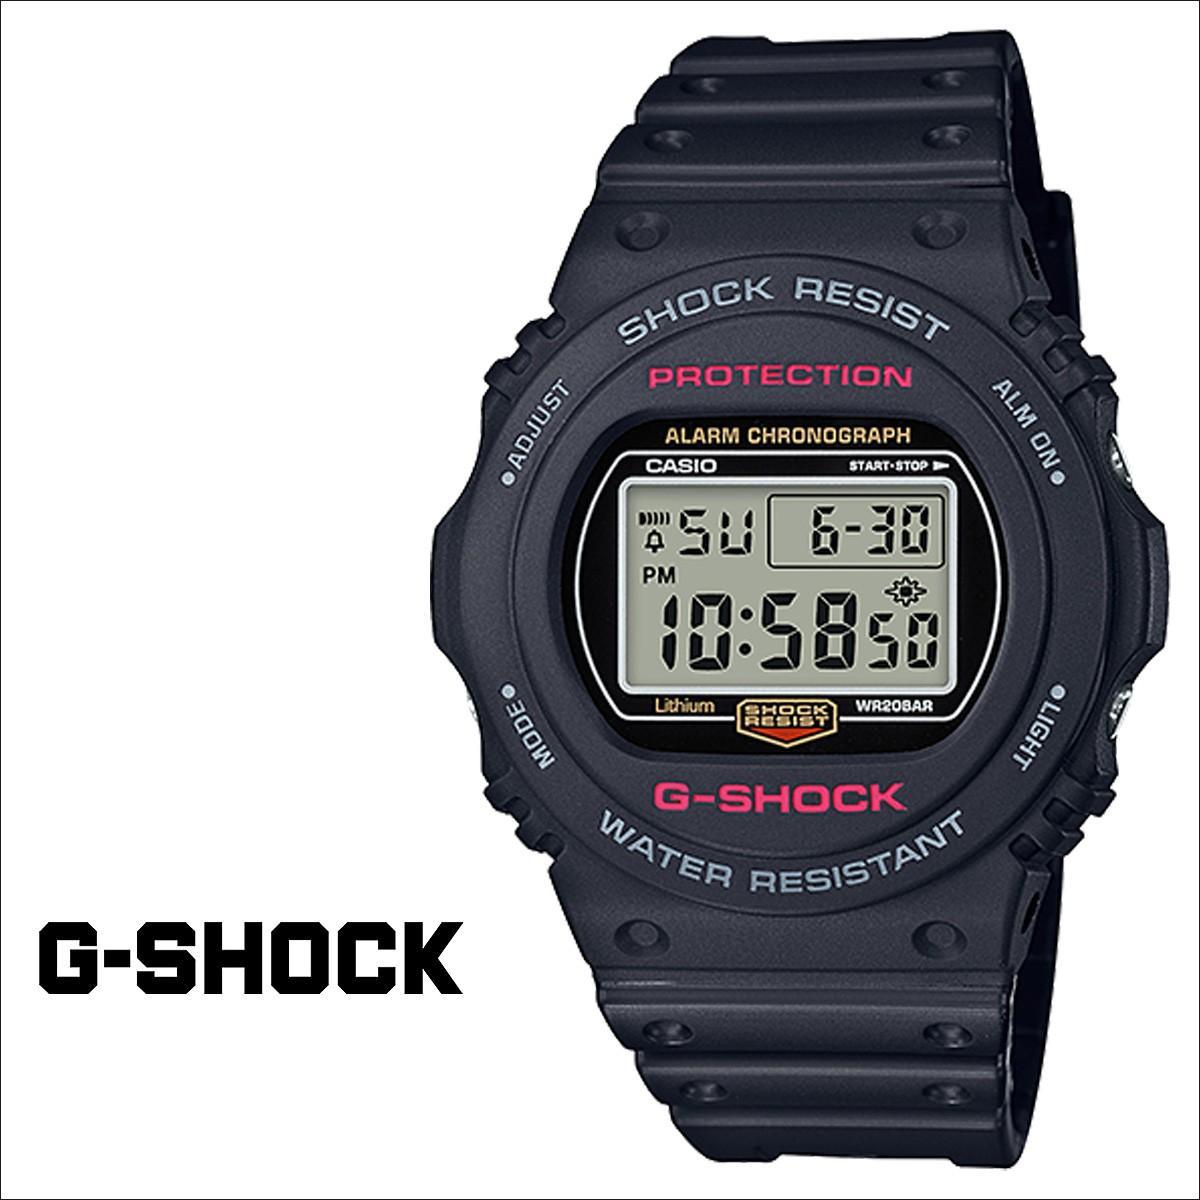 【SOLD OUT】 カシオ CASIO G-SHOCK 腕時計 DW-5750E-1JF Gショック G-ショック ブラック メンズ レディース [1/17 再入荷]